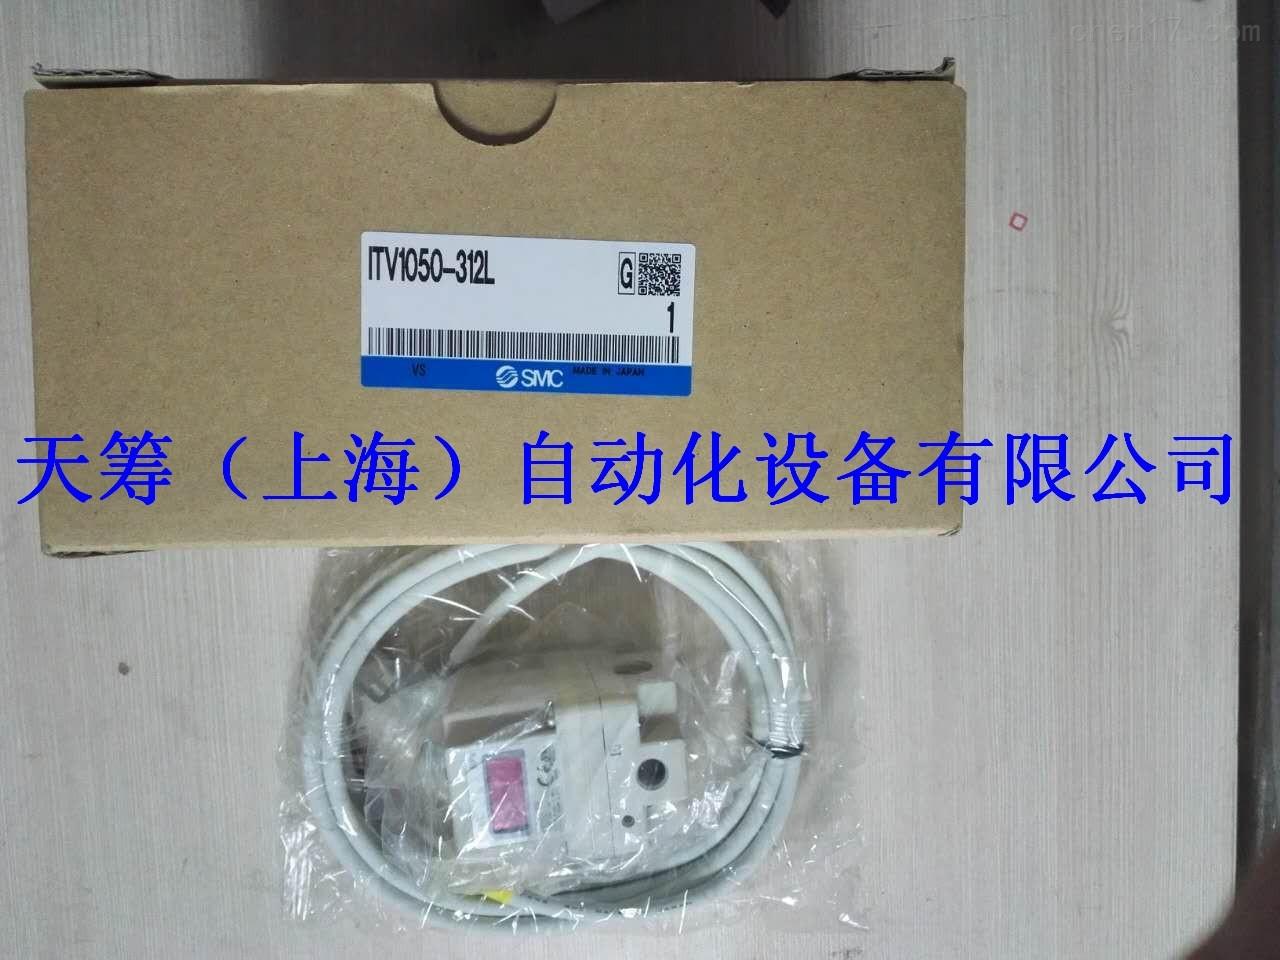 SMC电磁阀ITV1050-312L